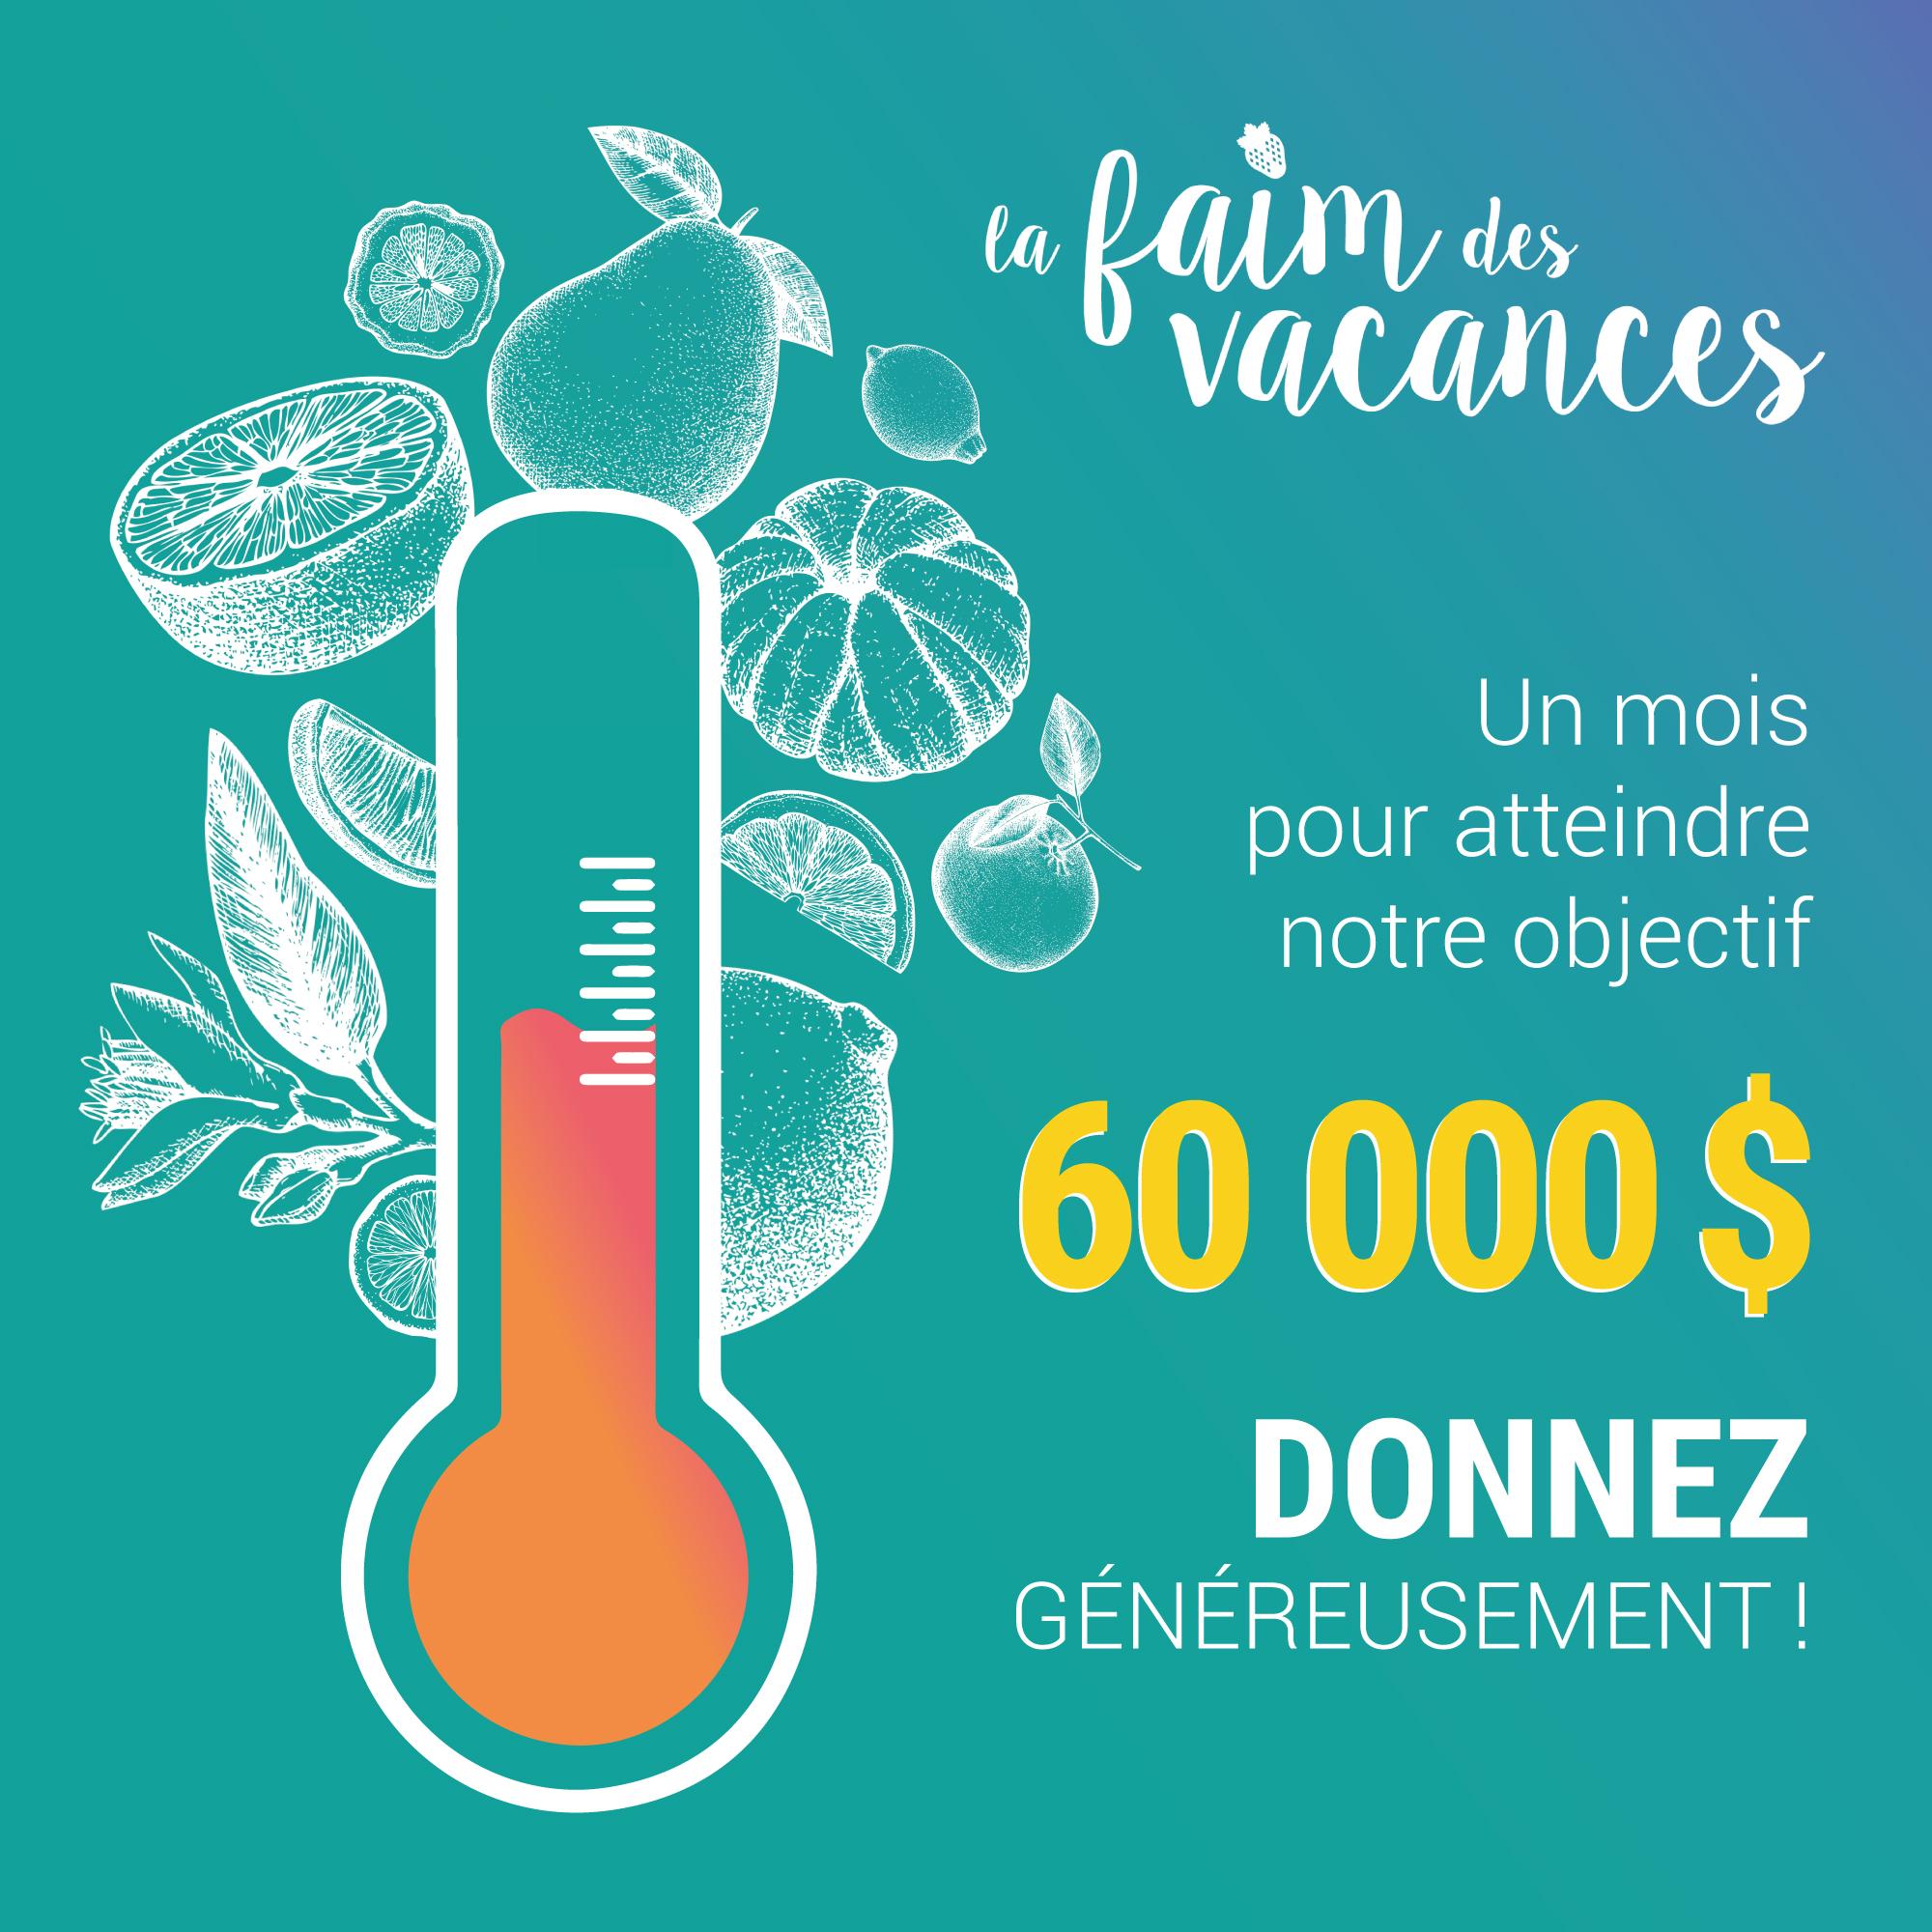 Pour pallier aux nombreux besoins, Moisson Montréal se donne l\u0027objectif  d\u0027amasser 60 000 $ afin d\u0027aider les familles les plus démunies à manger à  leur faim,